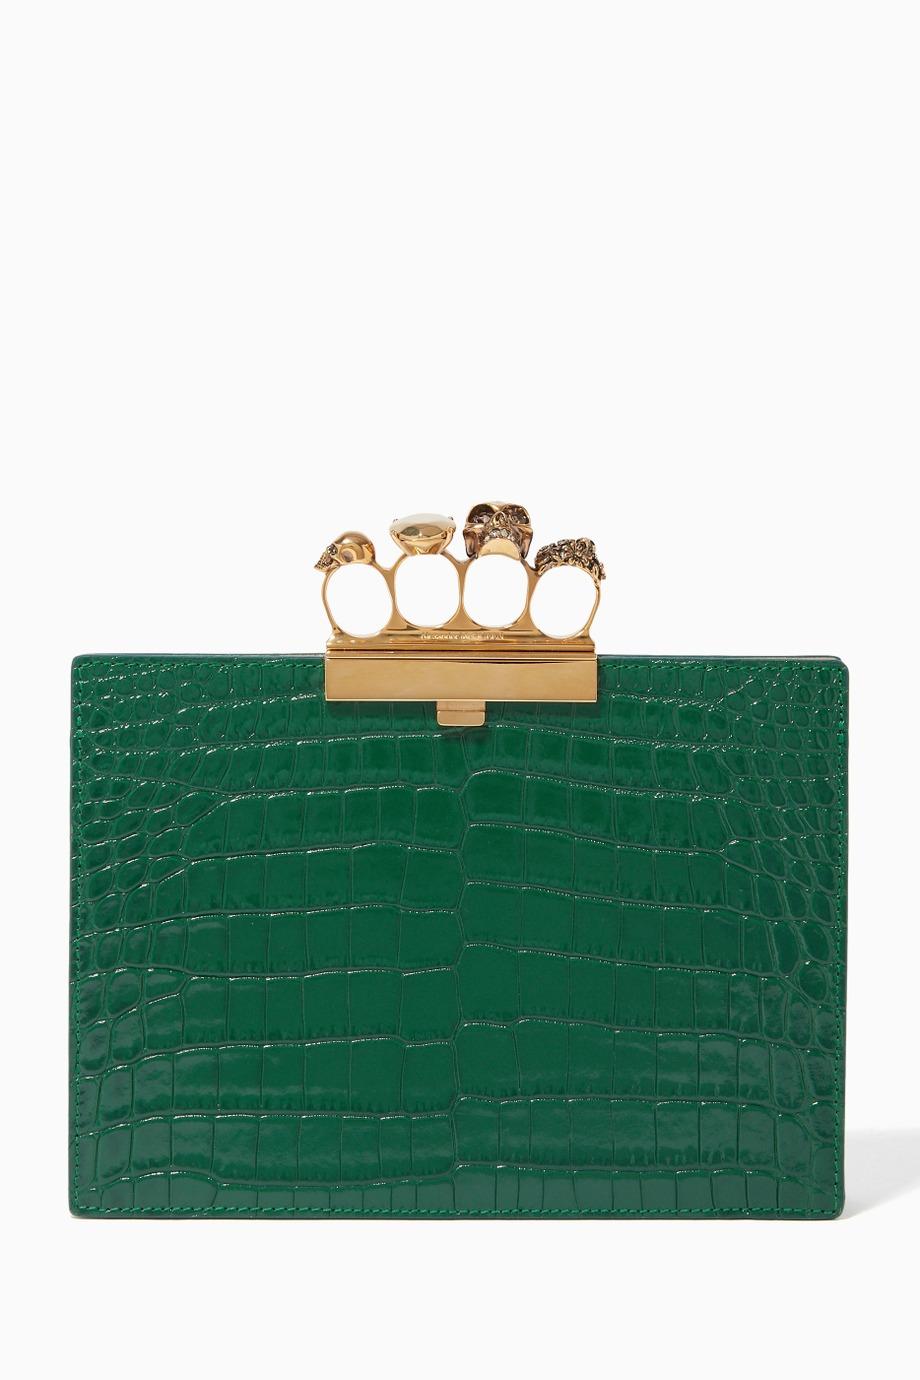 - حقيبة كلاتش ملونة من أليكساندر ماكوين Alexander McQueen